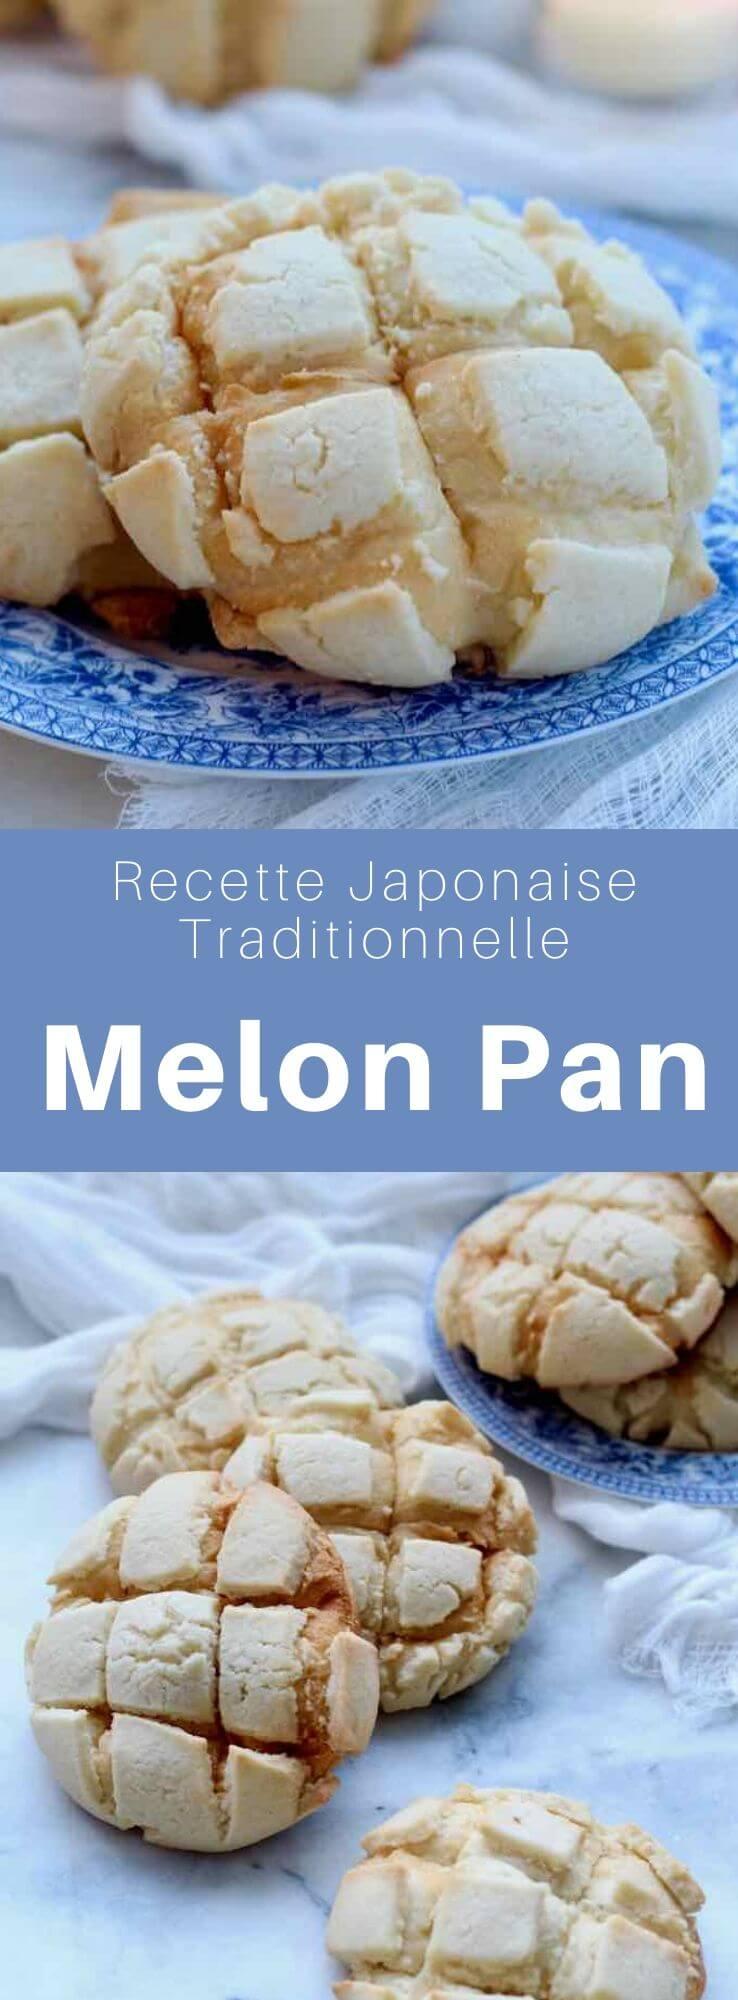 Le melon pan (メロンパン) ou melonpan est une spécialité boulangère japonaise dont la partie interne est constituée de brioche et la croûte de pâte à cookie rappelant la texture du melon. #Japon #CuisineJaponaise #RecetteJaponaise #CuisineDuMonde #196flavors